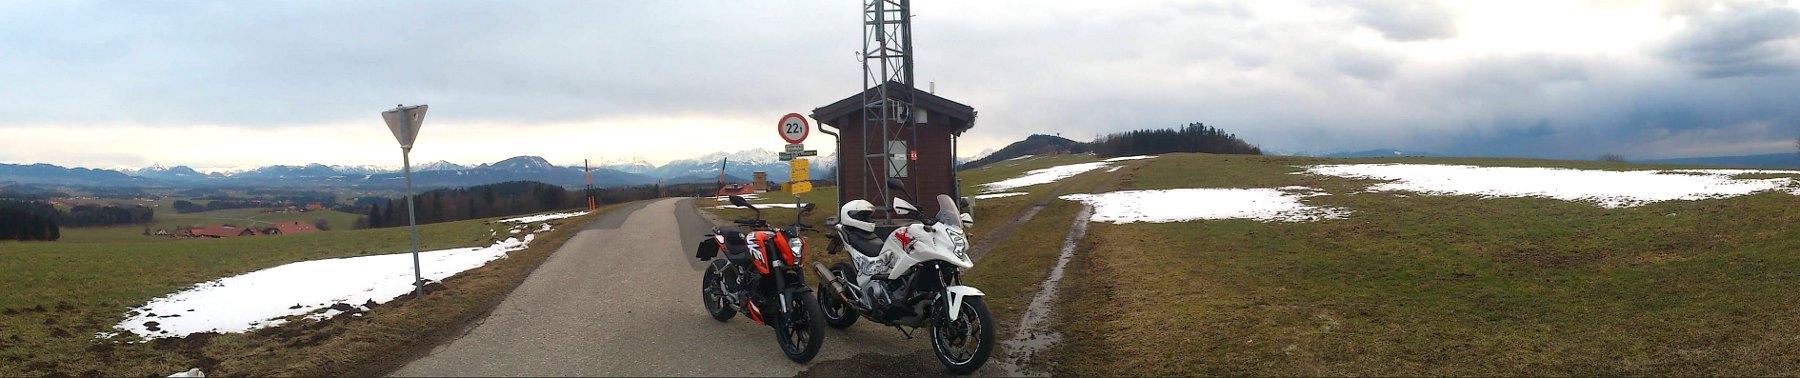 Haunsbergstrecke mit NC700X und KTM Duke 125